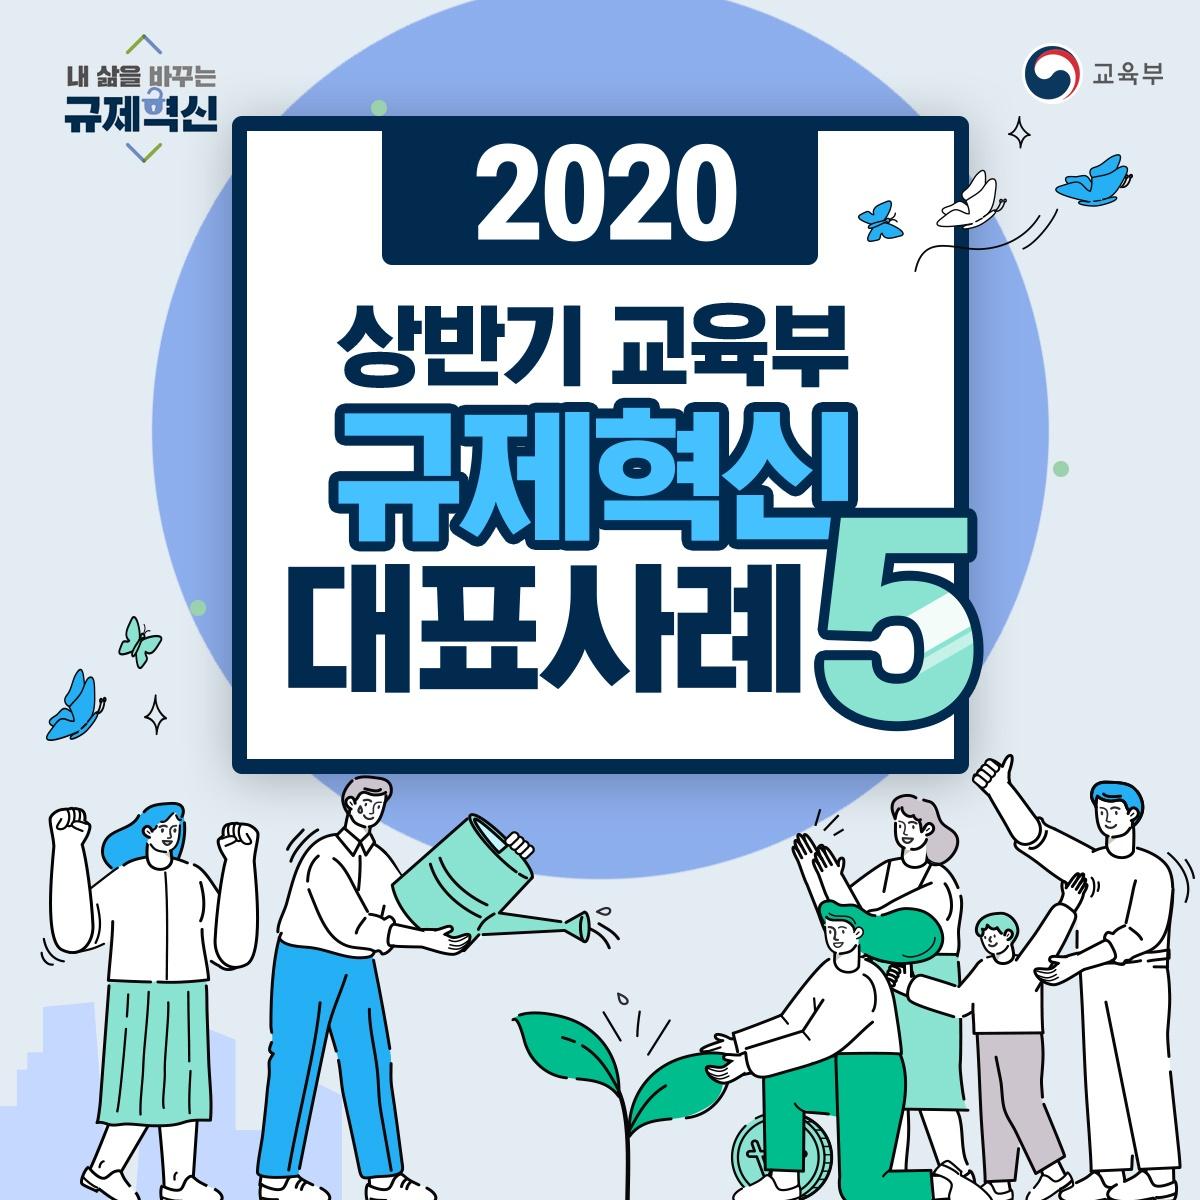 2020 상반기 교육부 규제혁신 대표사례5